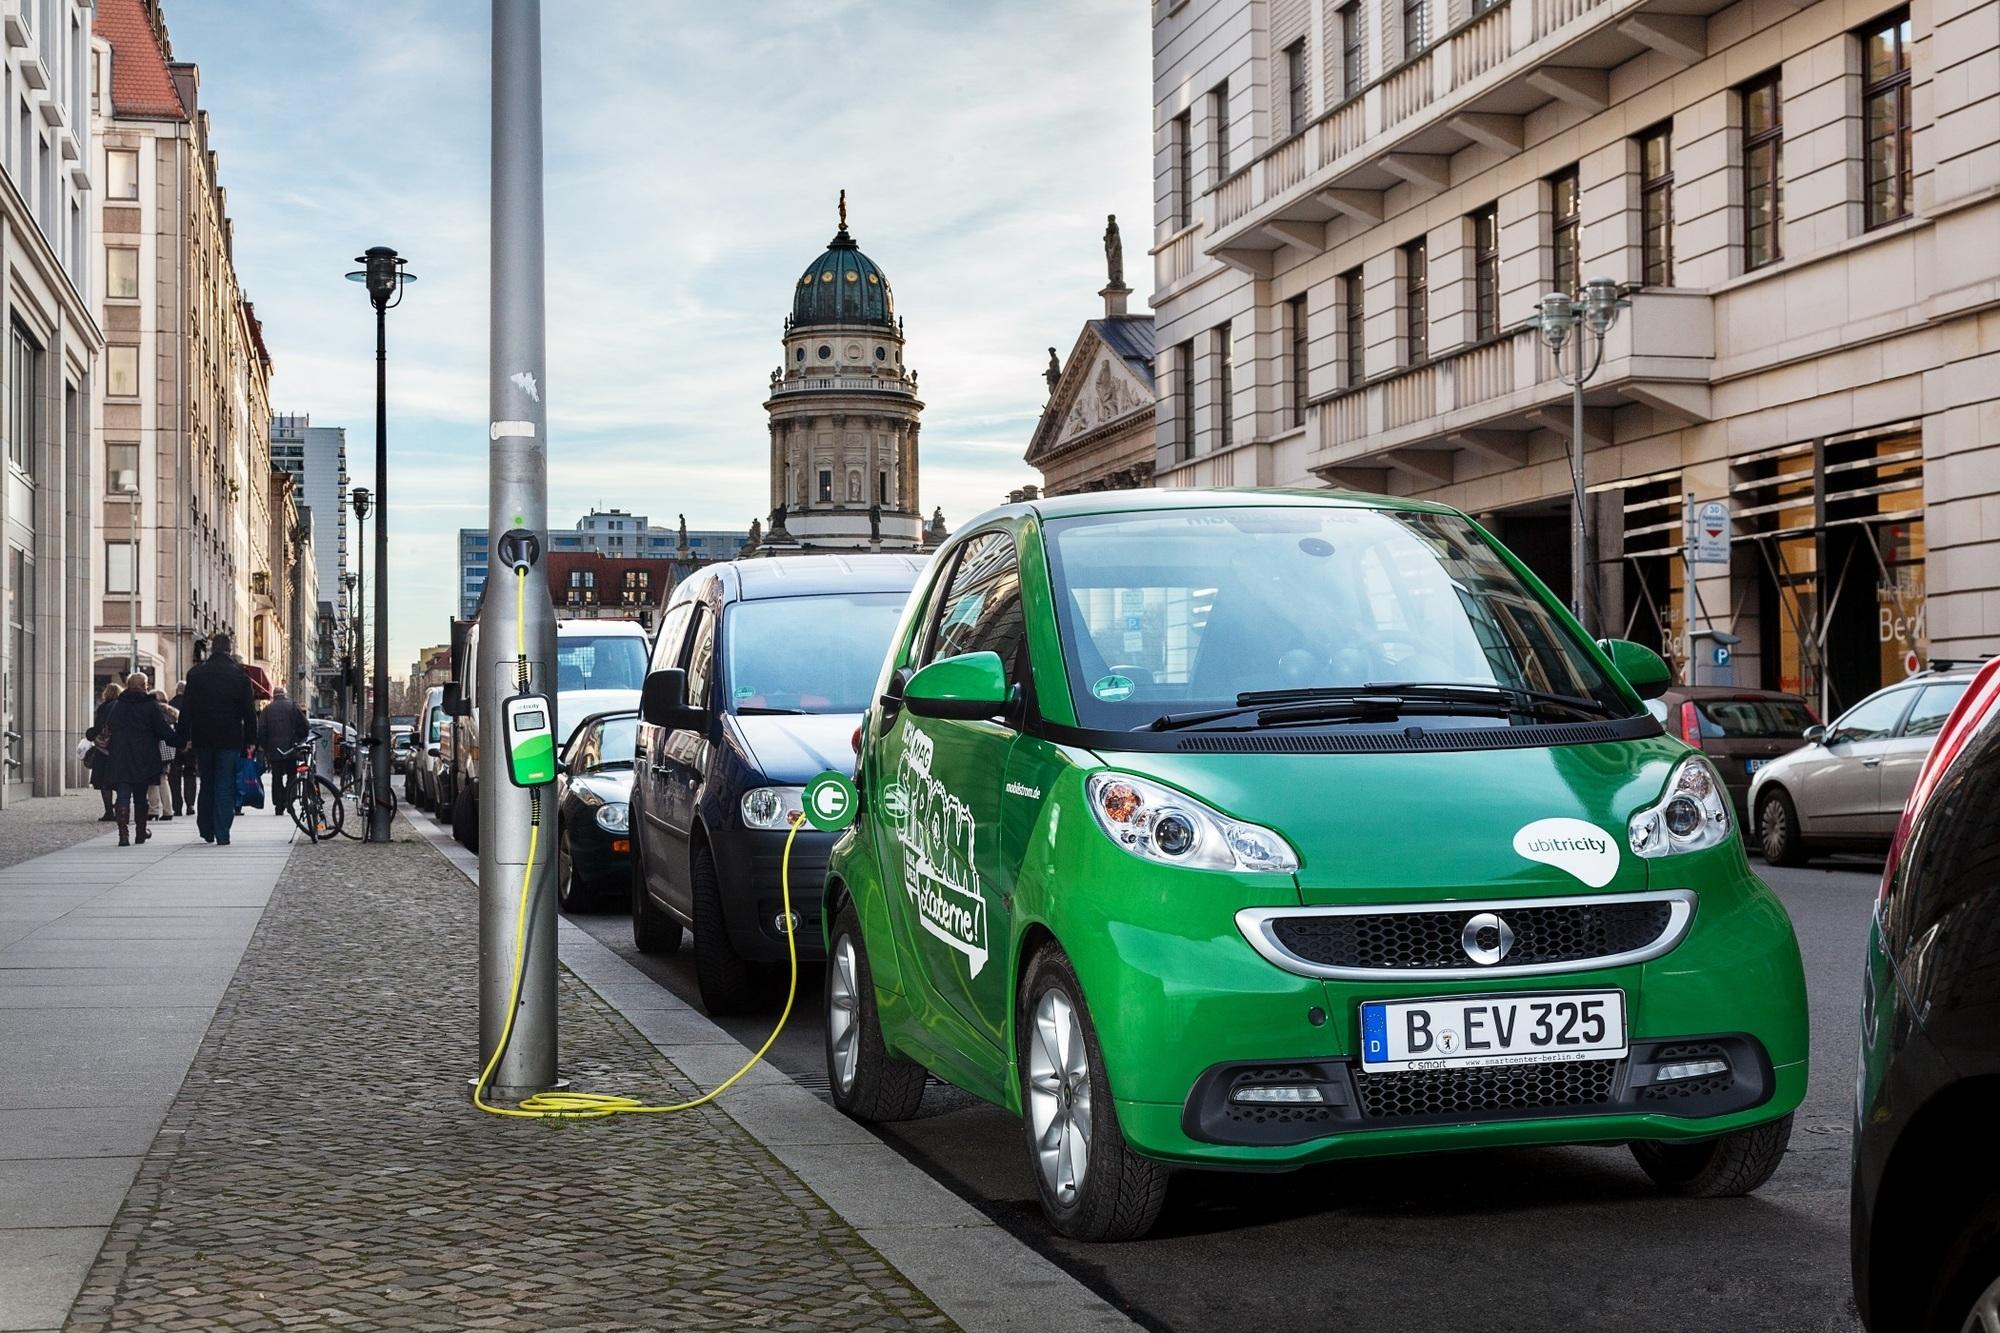 Elektroauto auf der Straße laden - Laternen zum anzapfen